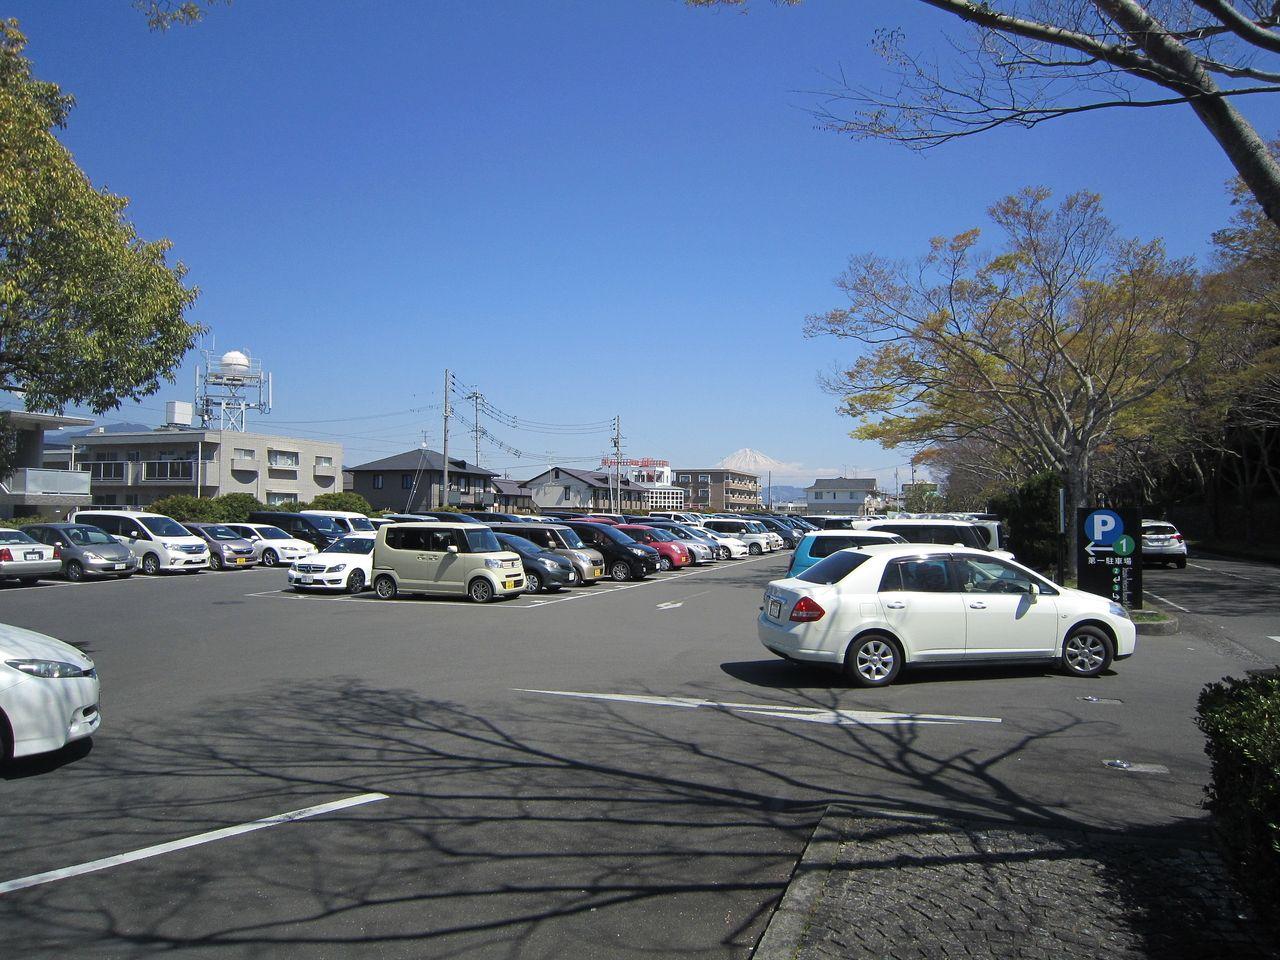 静岡県立図書館・美術館・芝生園地の駐車場はたくさんありますが、シーズンによっては混雑します。